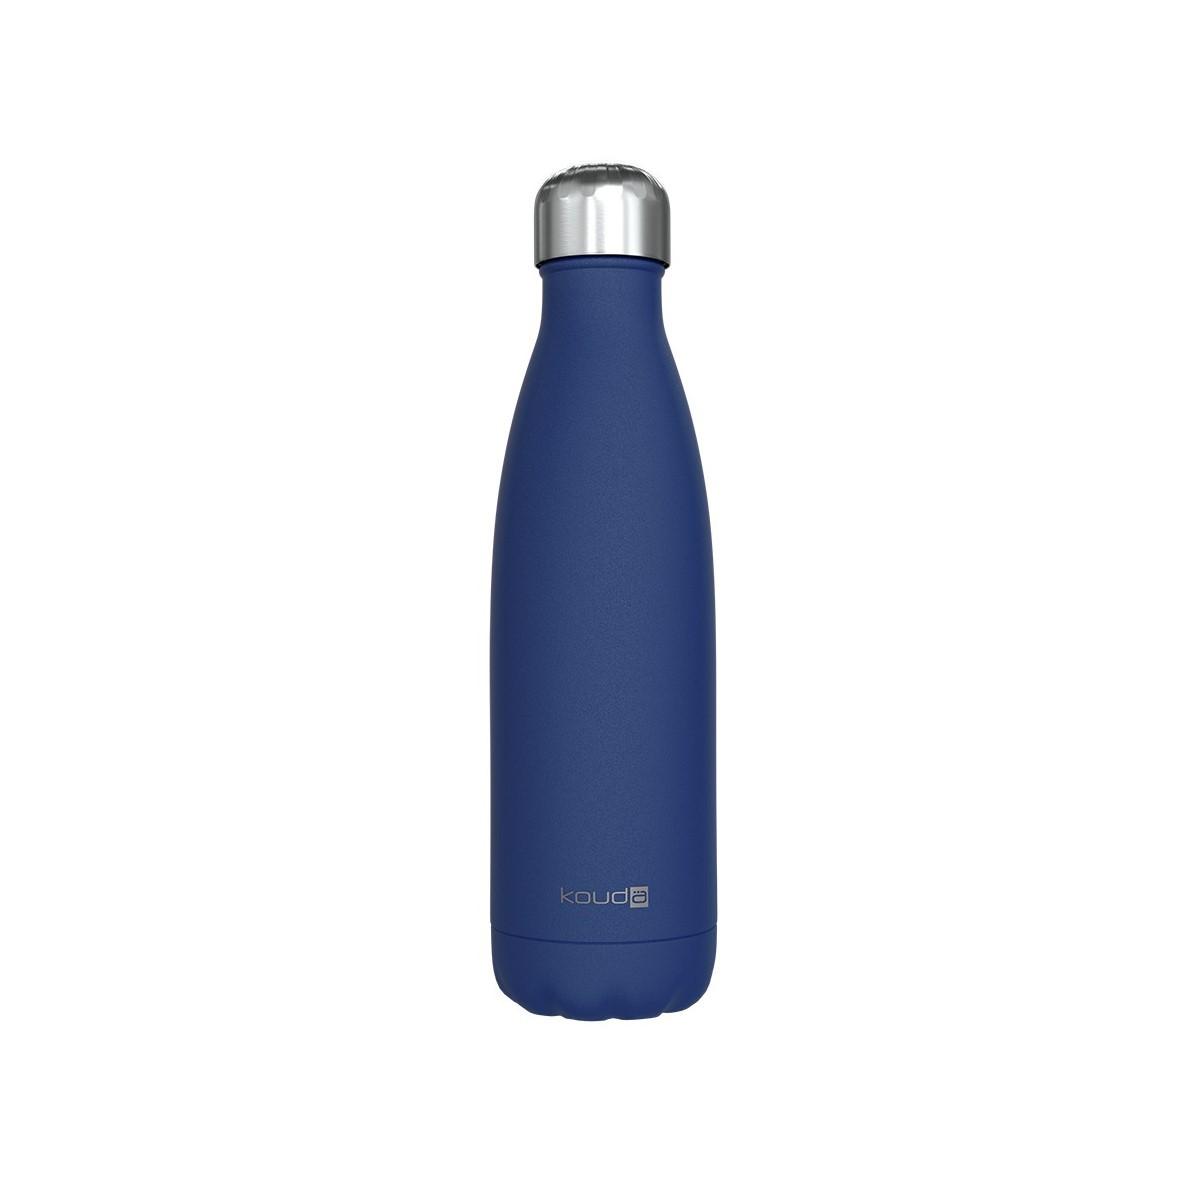 Garrafa Kouda 500ml Azul Powder Coating